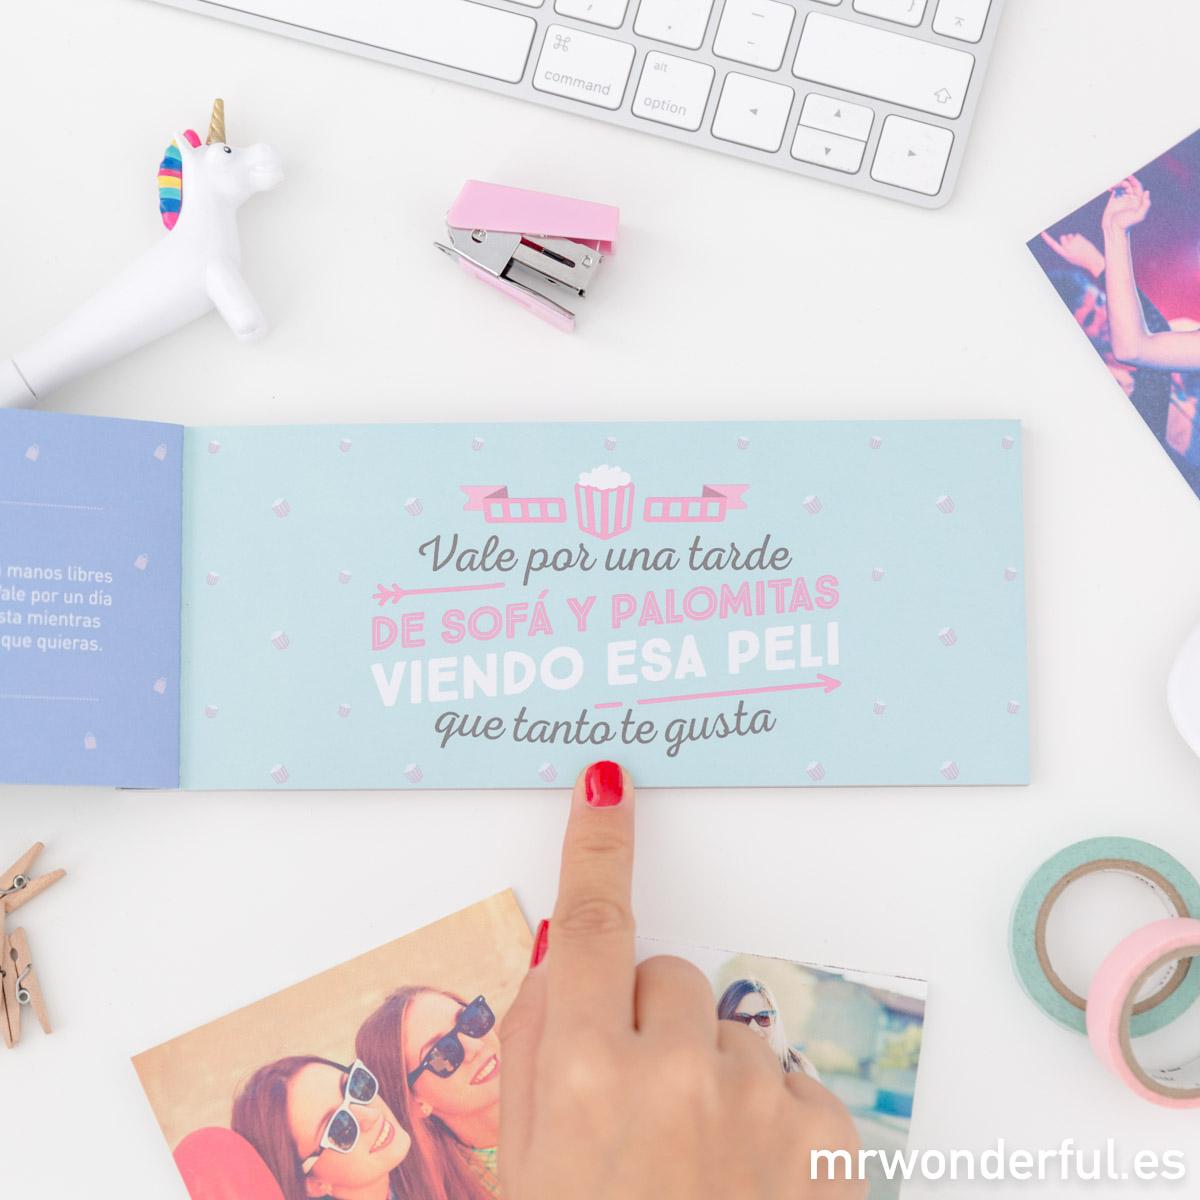 mrwonderful_8435460706124_vales-amigas-ES-243-Editar